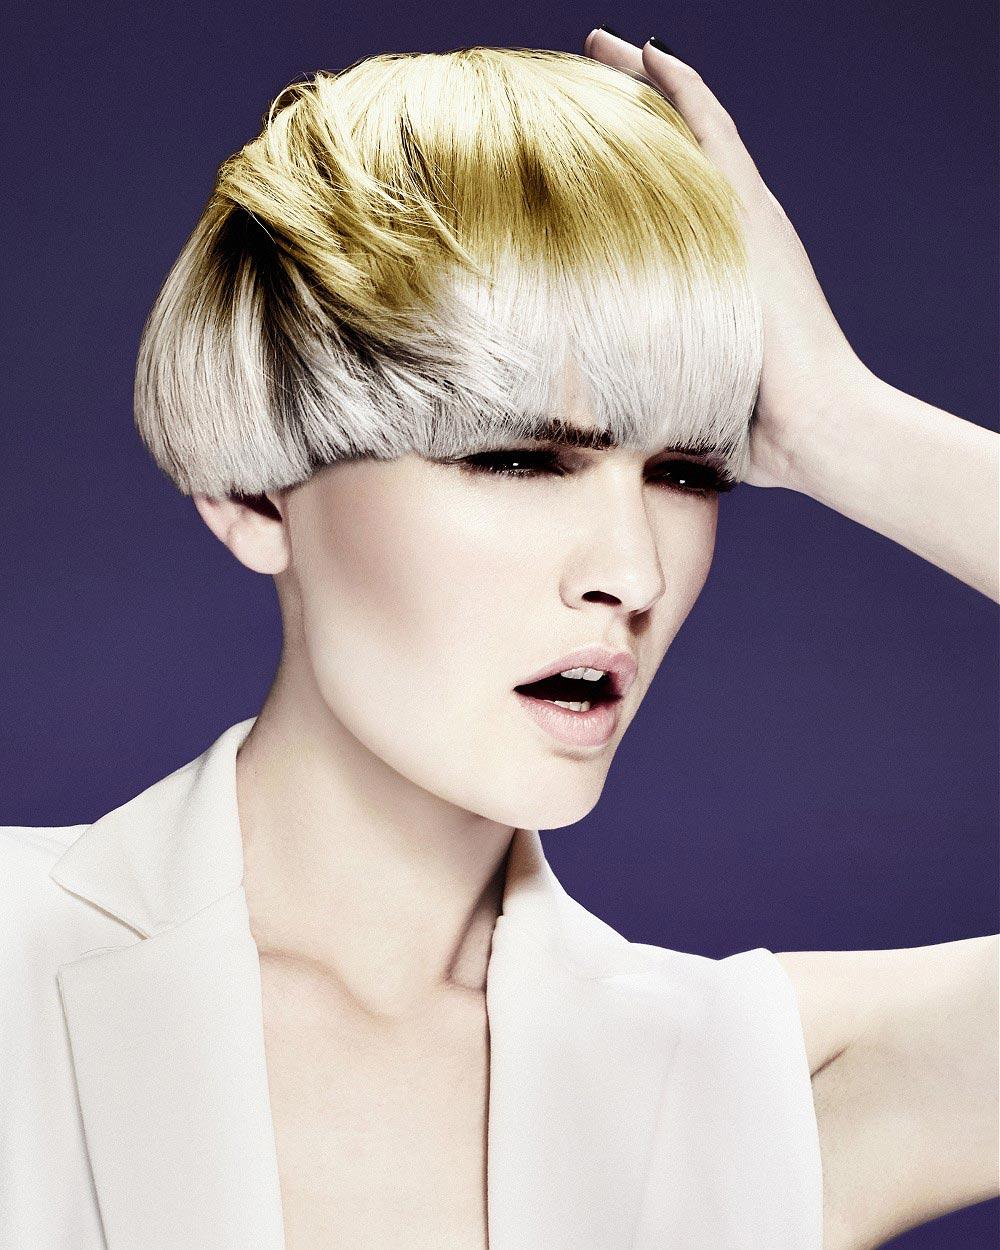 Žluté vlasy na platina blond účesu od Francesco Group.